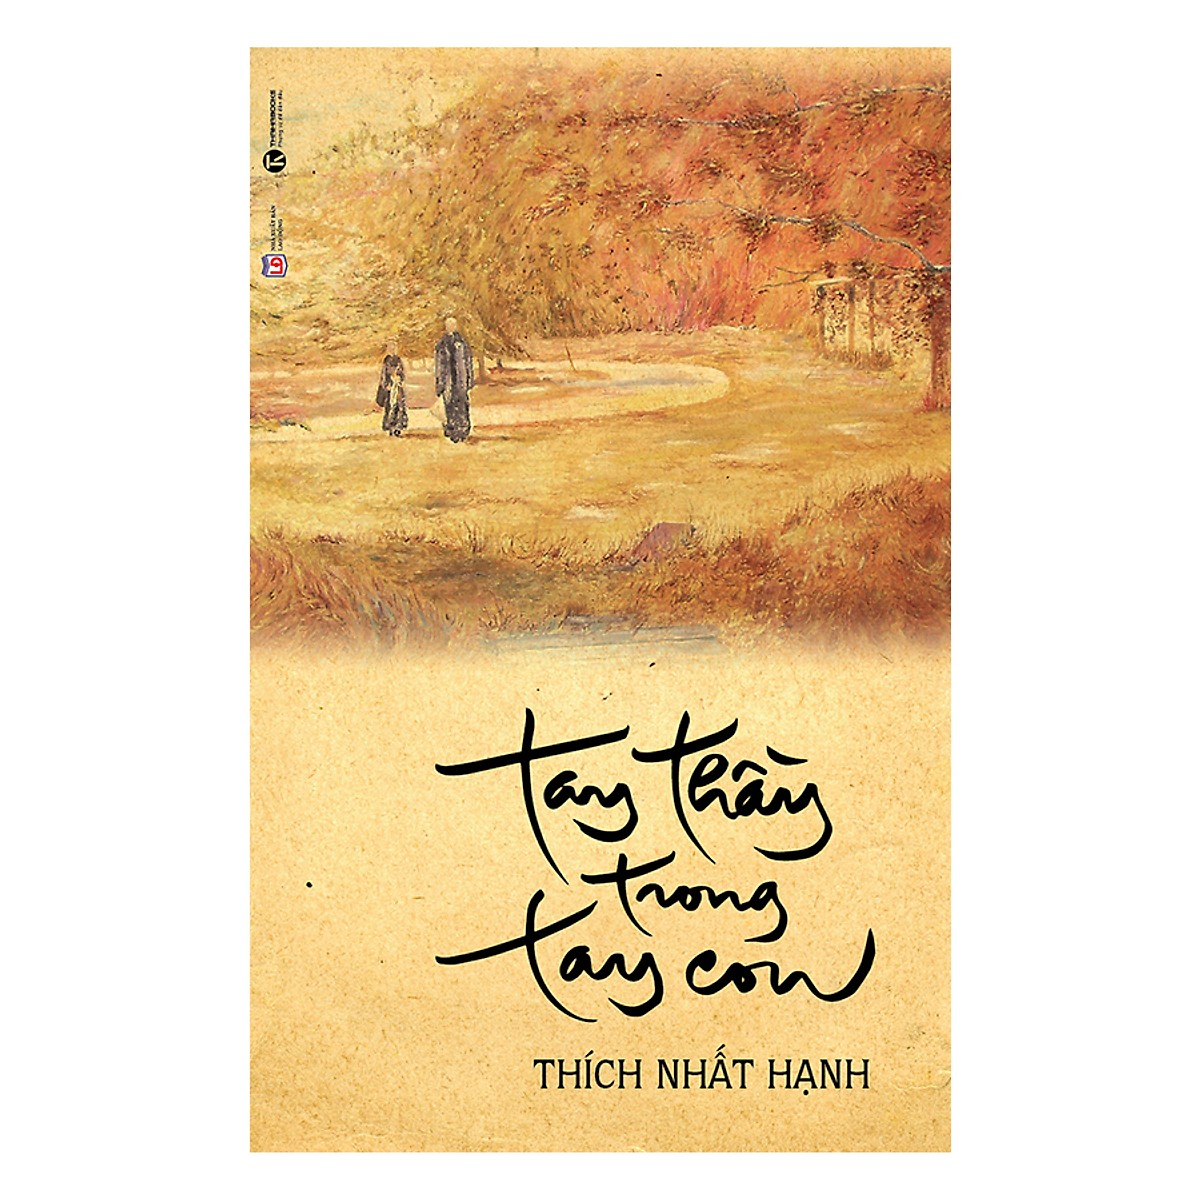 Tay thầy trong tay con - Thiền sư Thích Nhất Hạnh